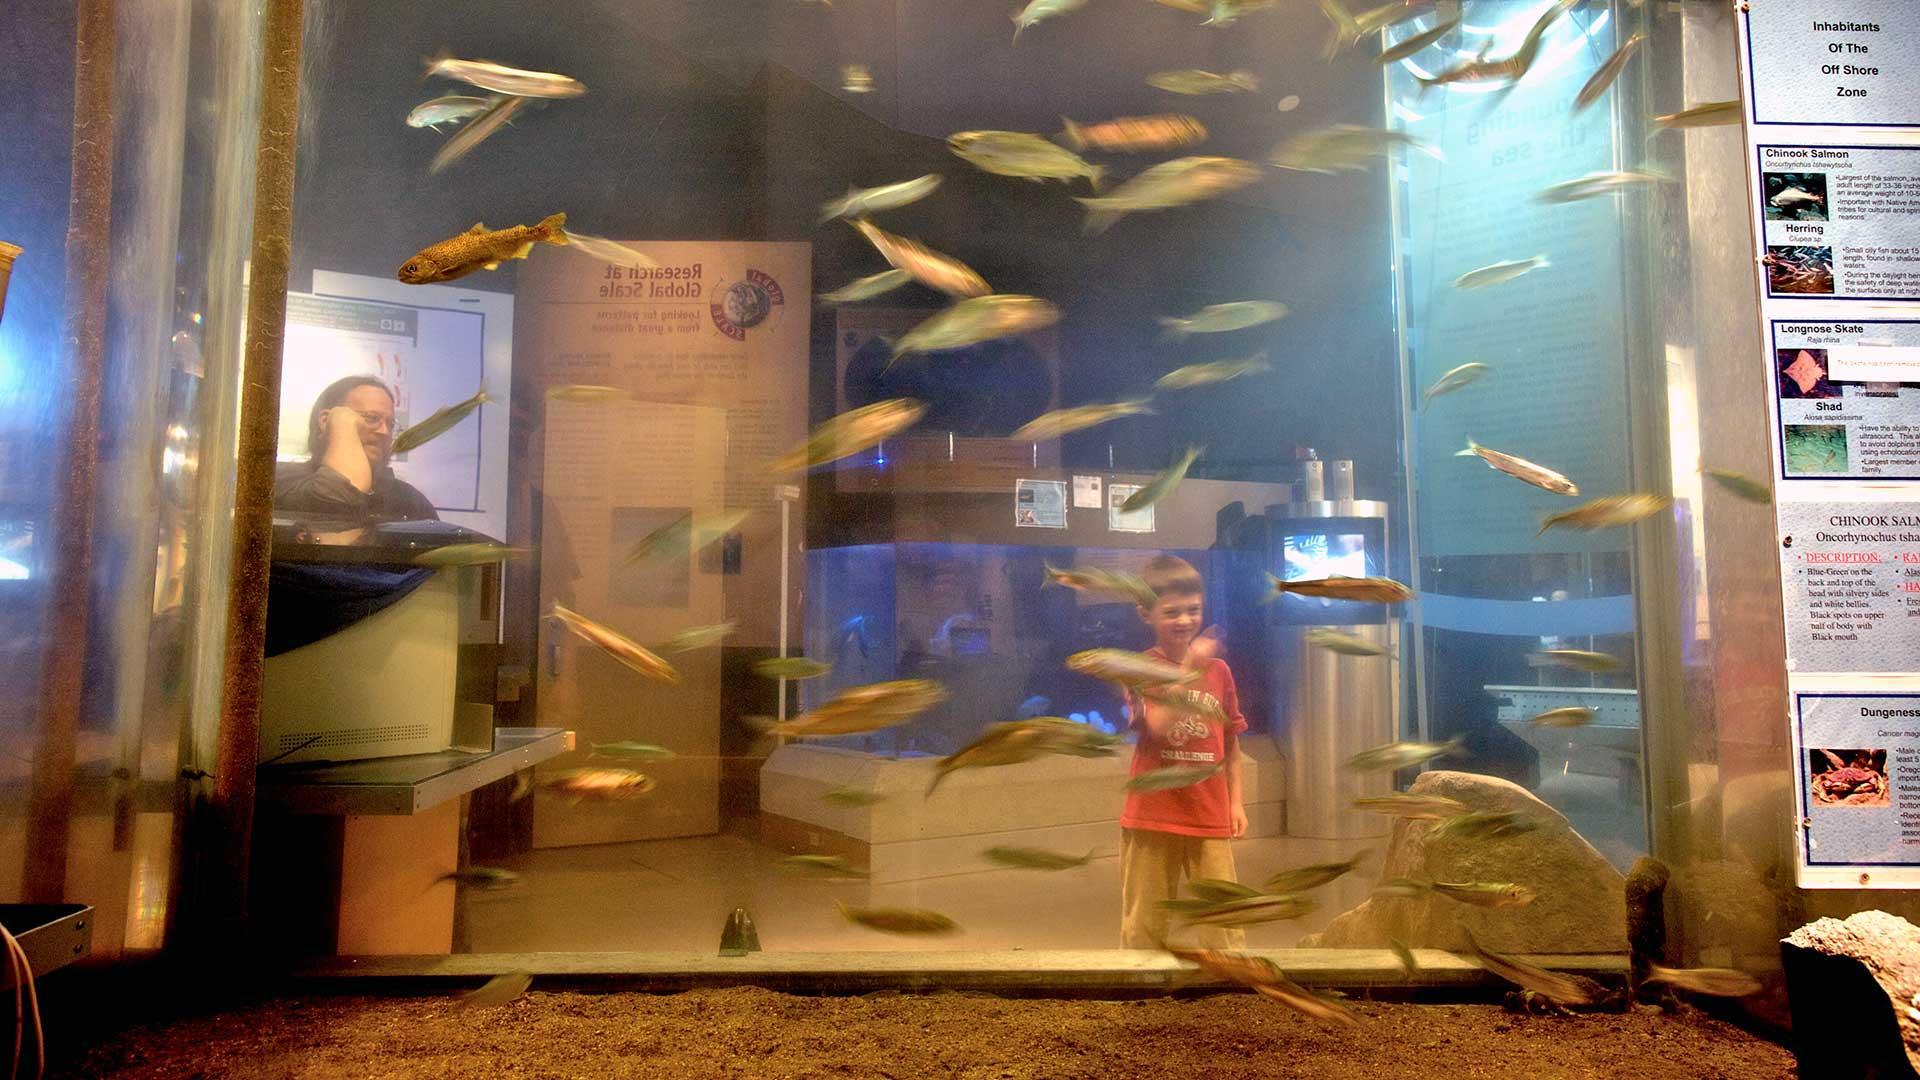 Child in front of aquarium tank